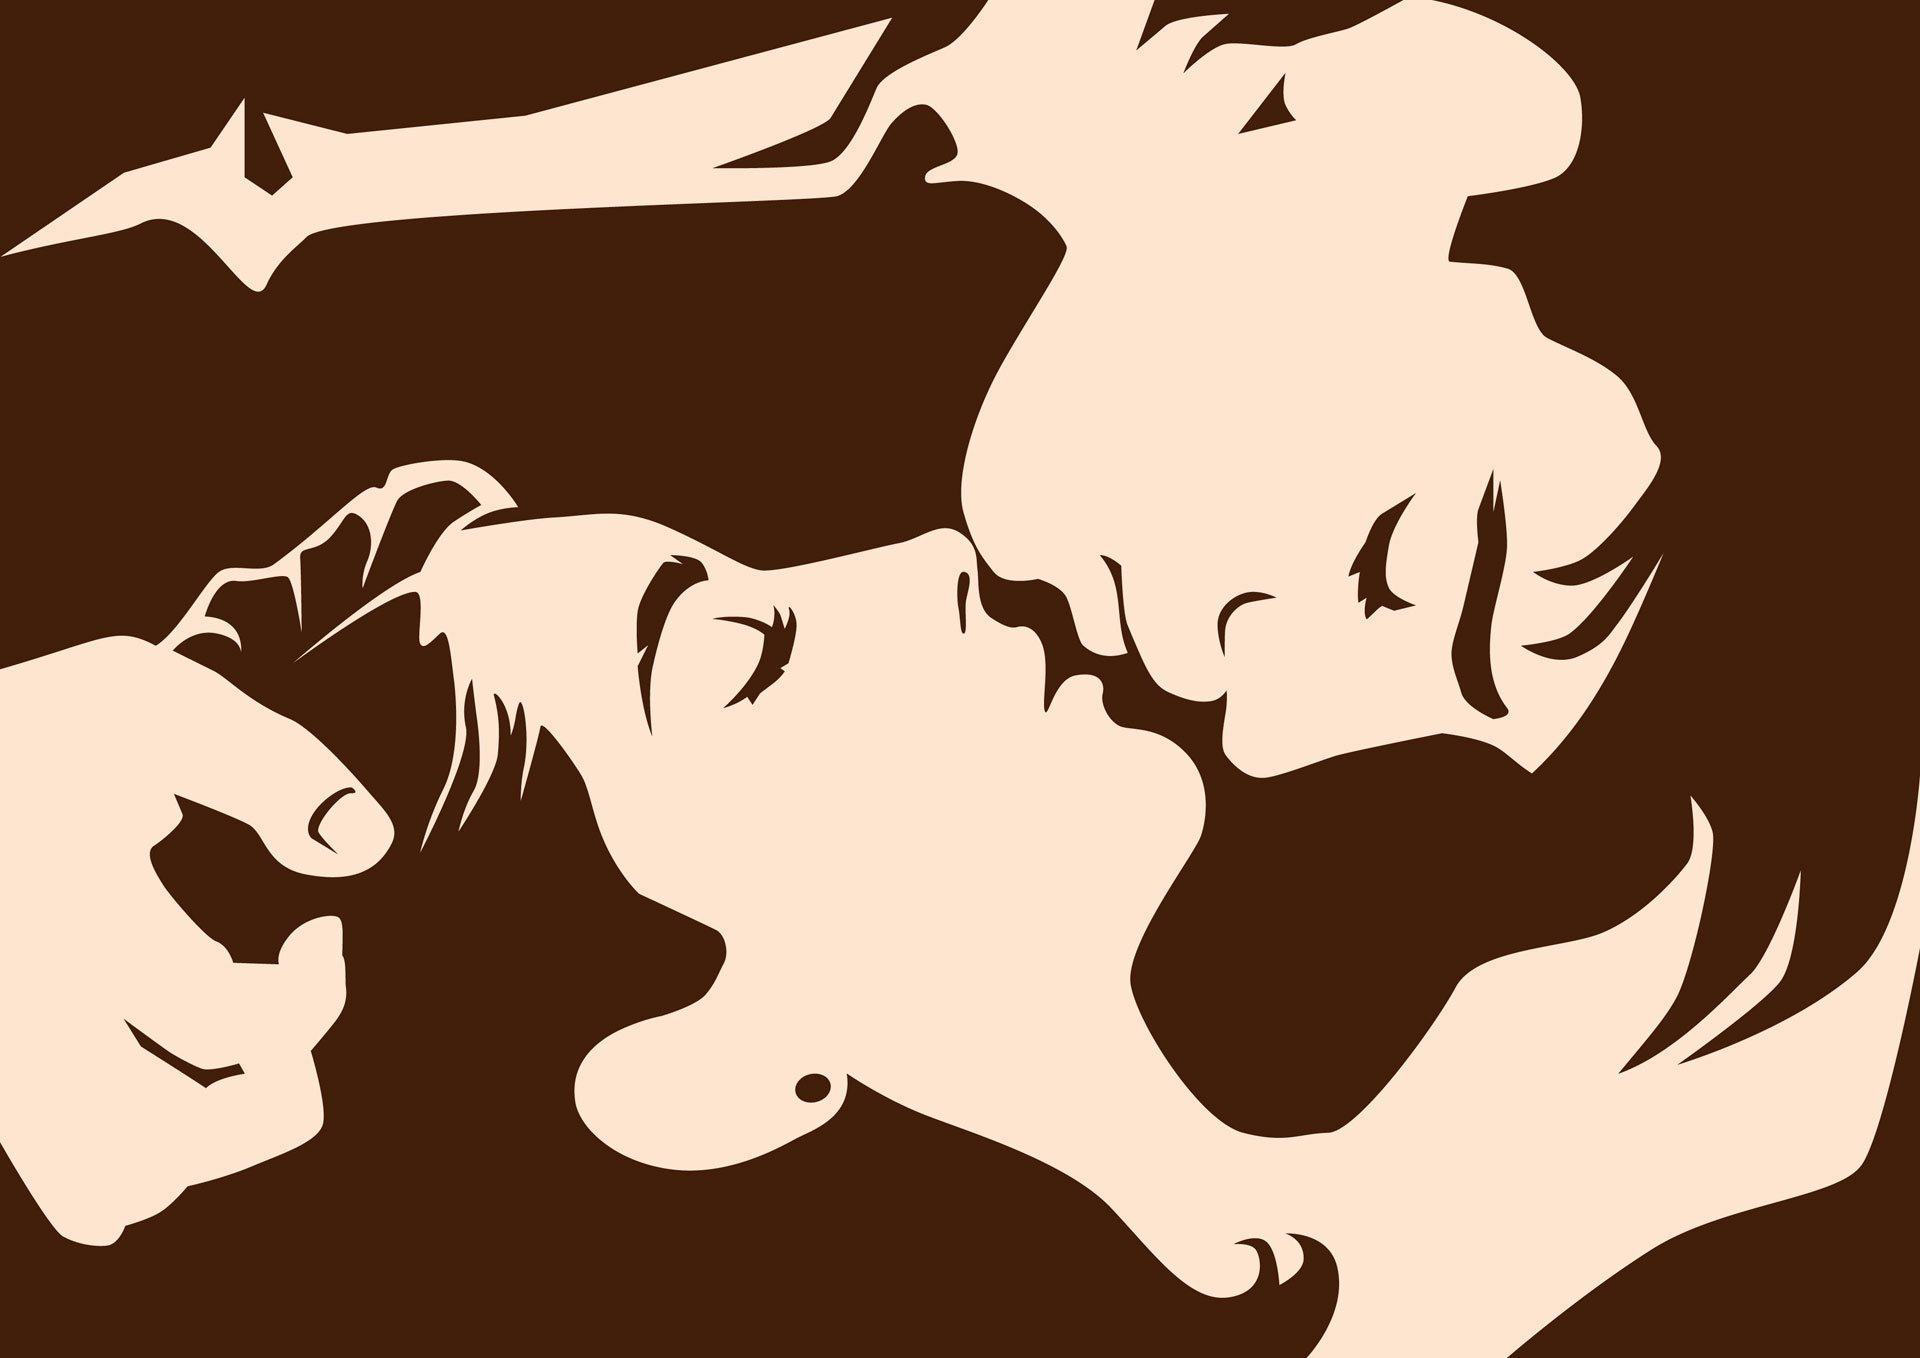 Sexualidad fluida: sexo y amor que escapan de las convenciones